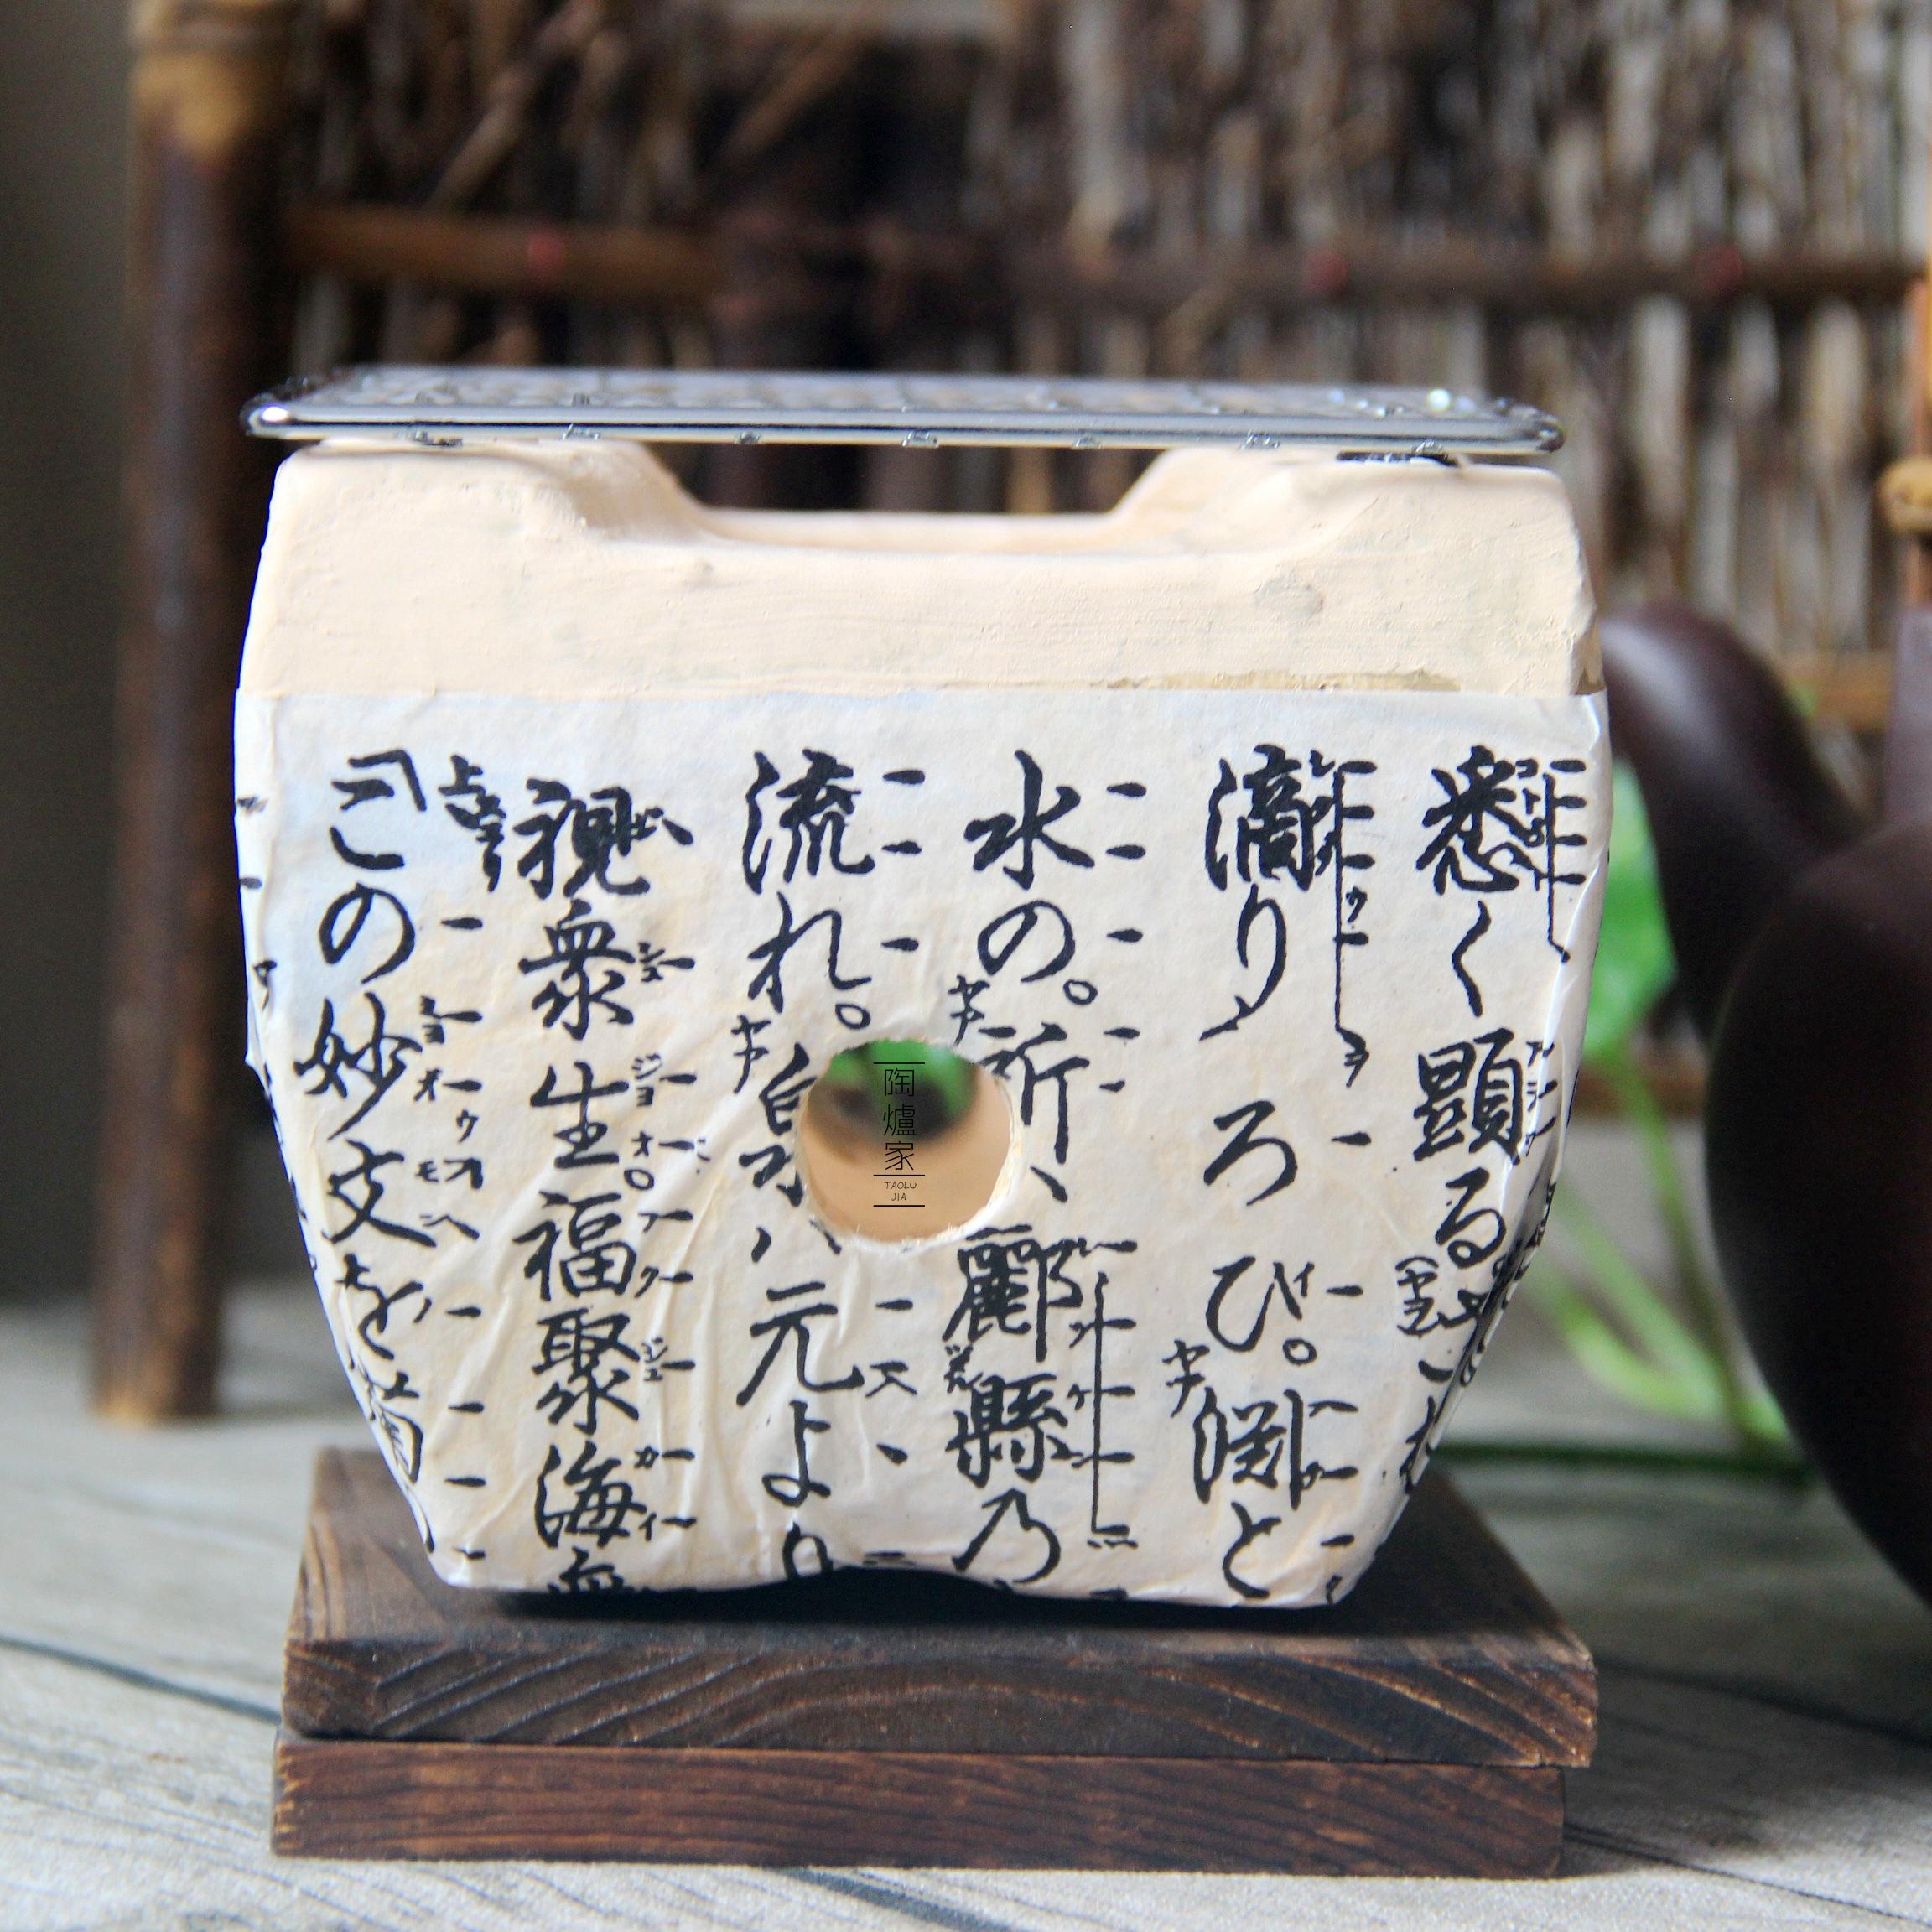 японский глины печь печь барбекю на столе переносных одноместный мини - готовить чай 11*11cm пакет mail